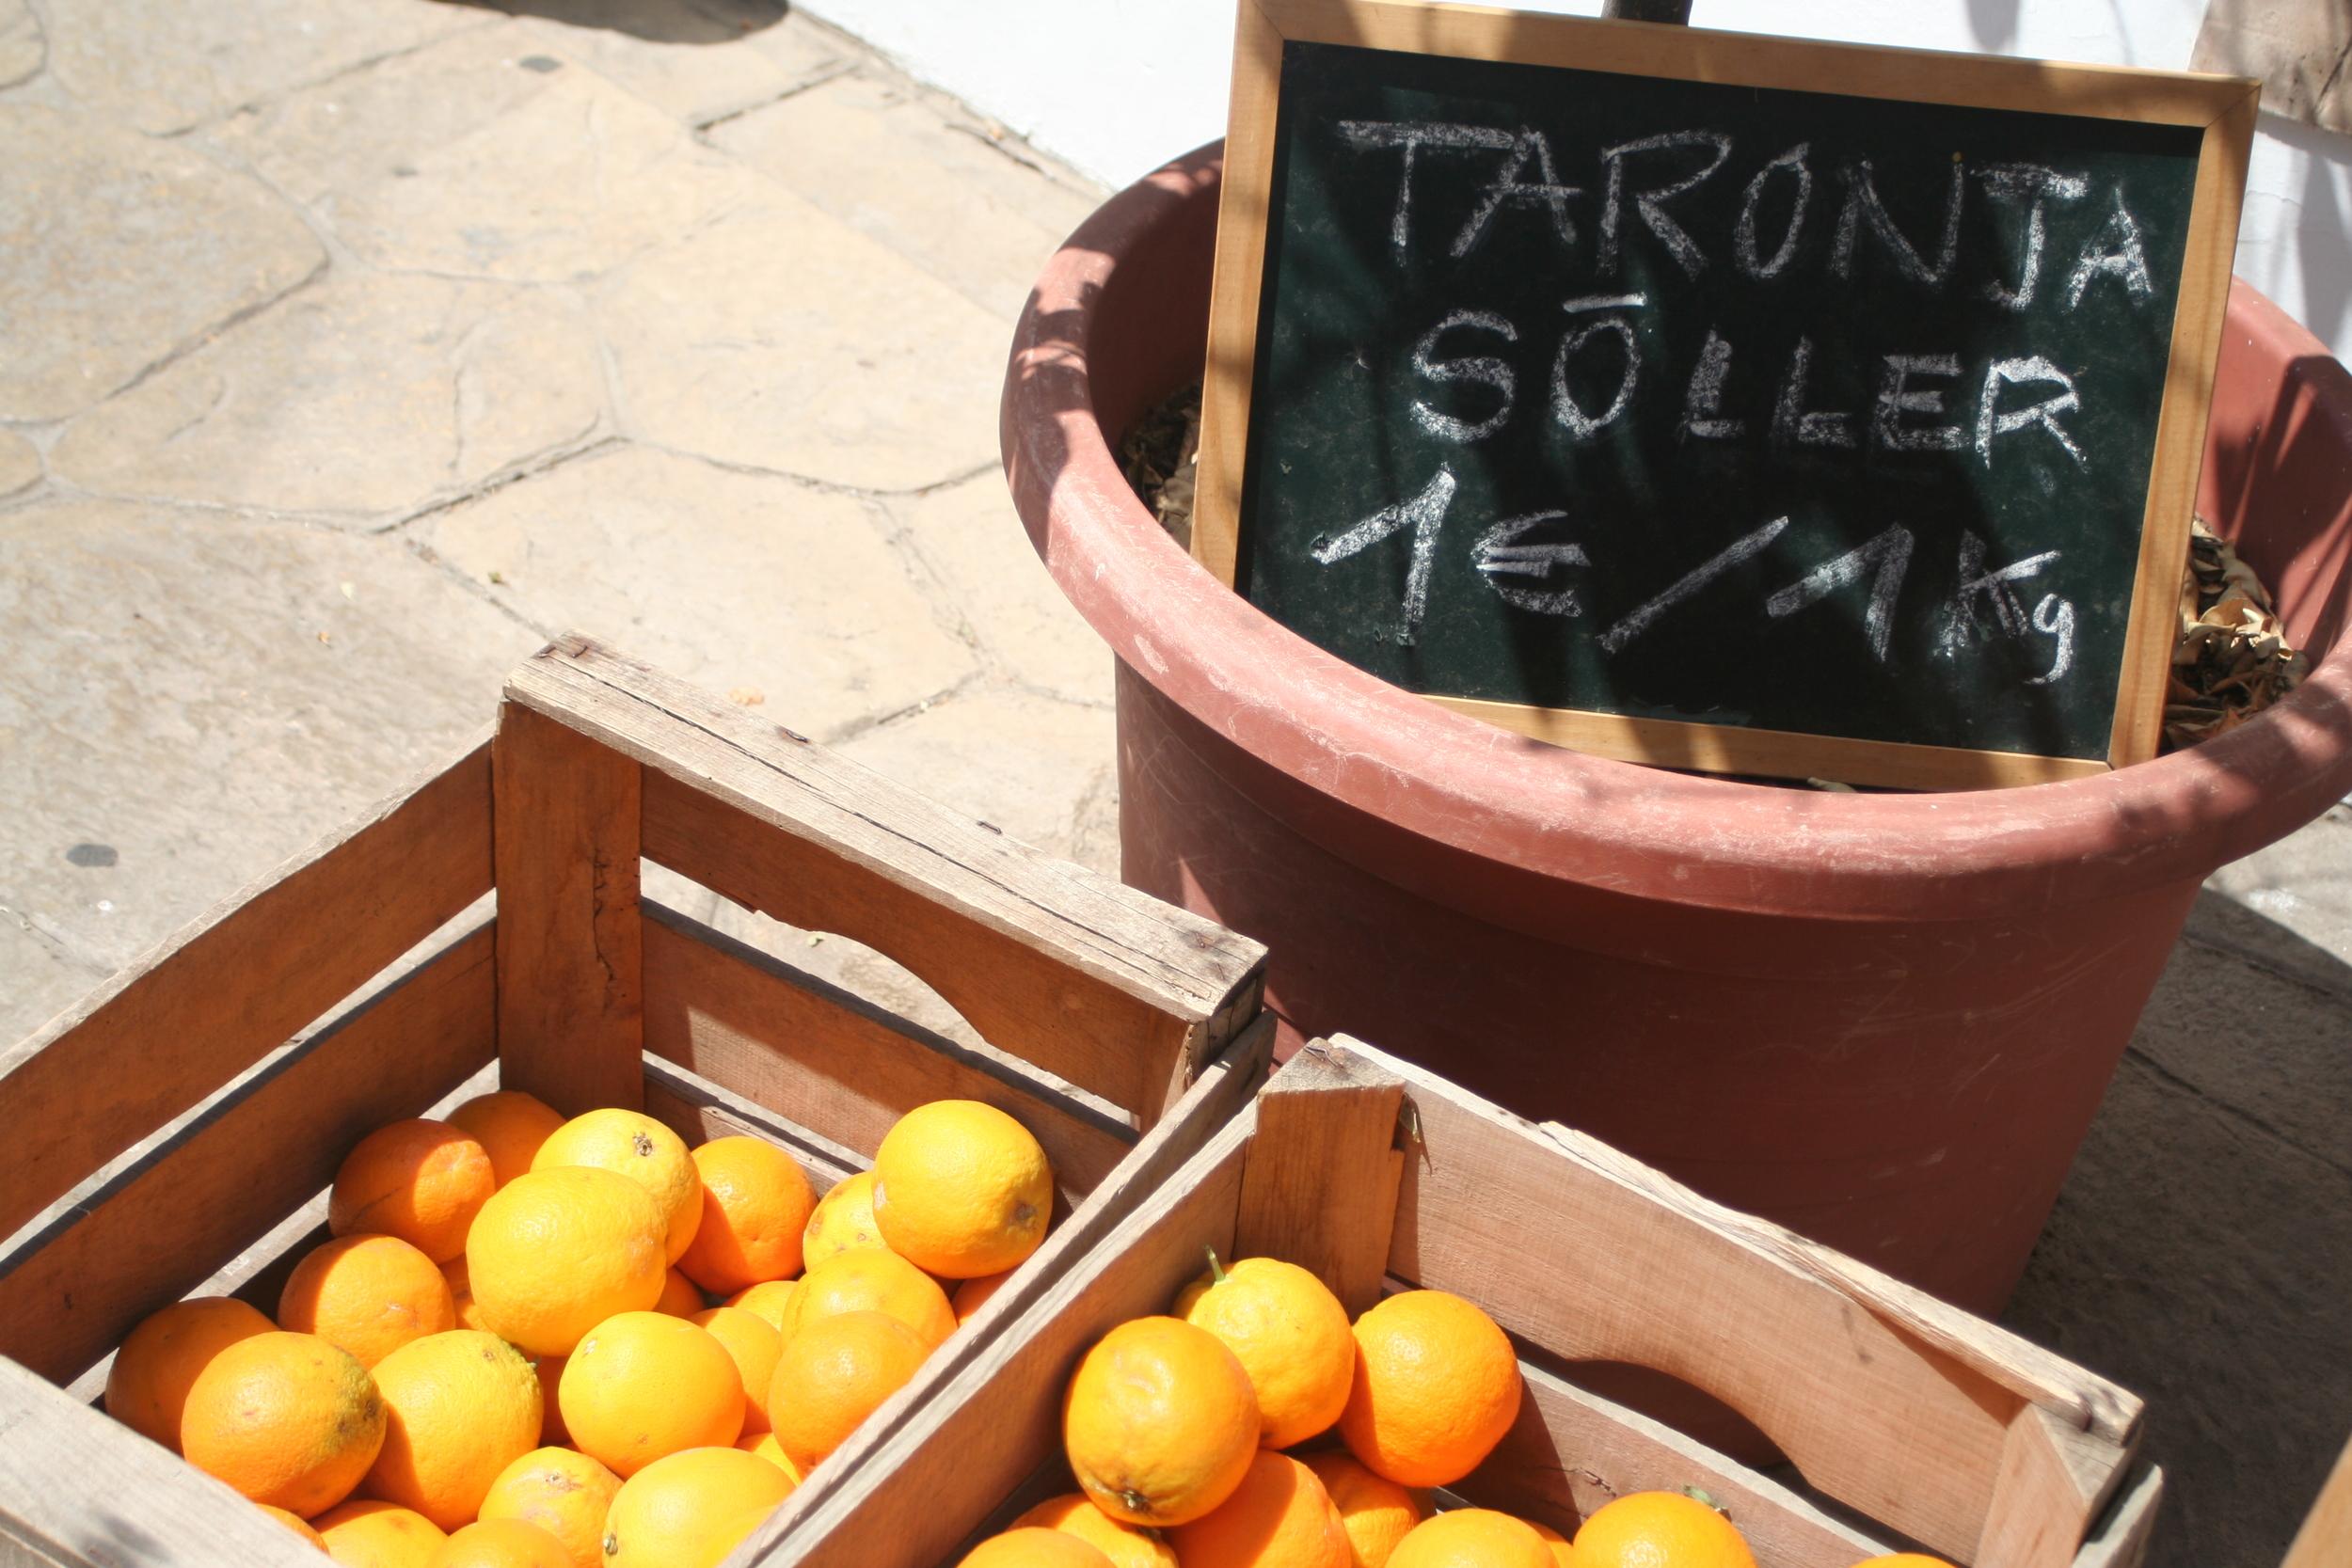 Solvarma apelsiner på marknaden i Llucmajor.